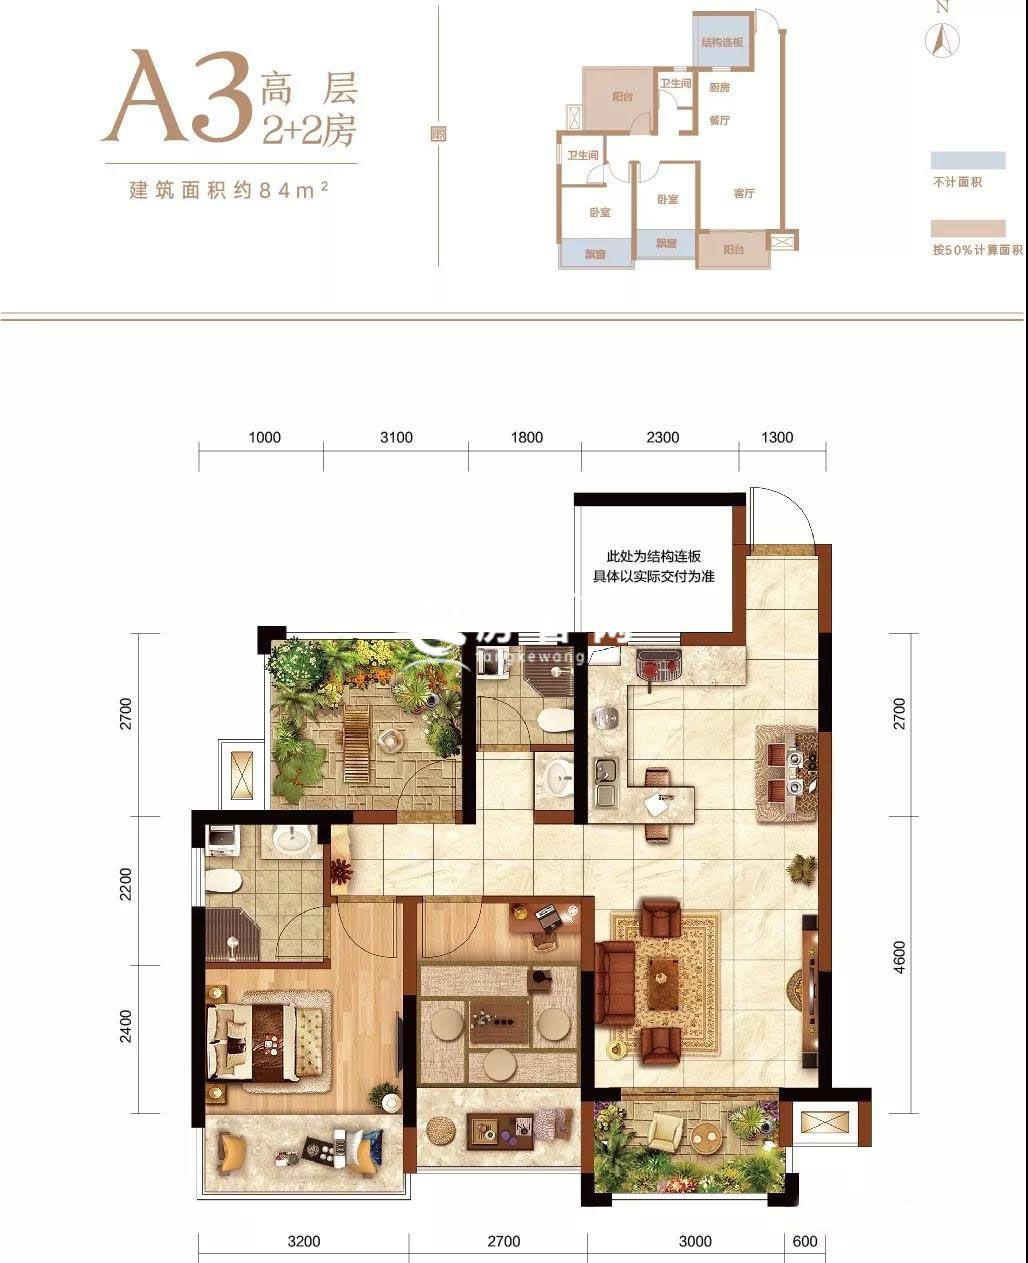 A3高层 2+2房2厅1厨1卫2阳台 建面约84㎡